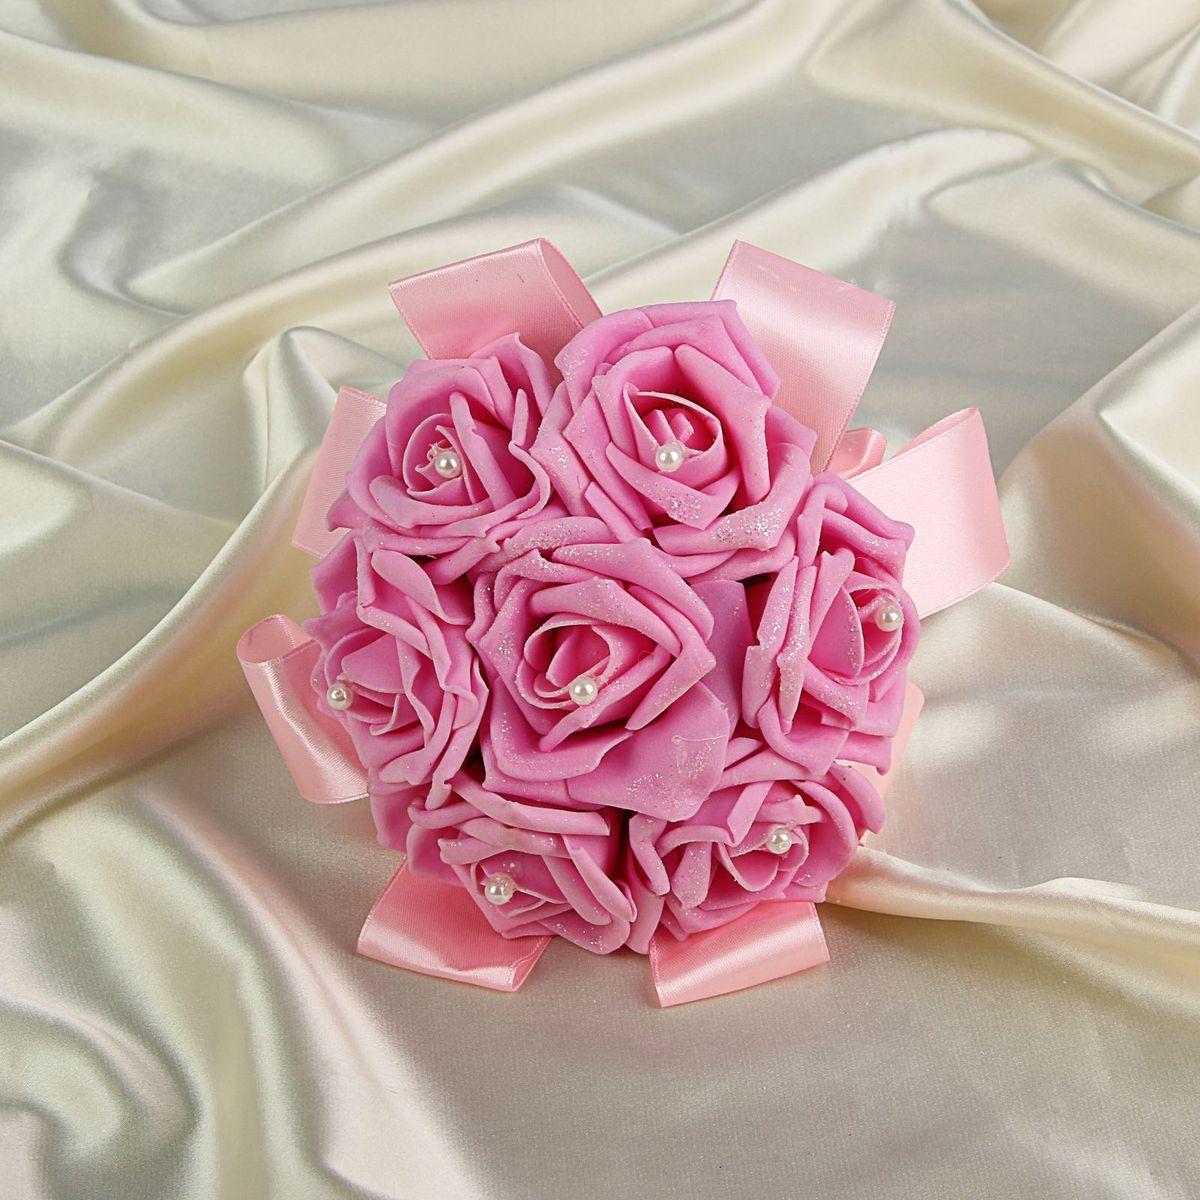 Sima-land Букет-дублер с розами премиум, цвет: розовый. 12628231262823Современные невесты используют букеты из искусственных материалов, потому что они легче, дешевле и не рассыпаются в полете. Ведь для многих незамужних подружек поймать букет на свадьбе — шанс осуществления заветной мечты. Кроме свадебной тематики изделие используют для фотосессий, так как оно не утрачивает праздничный вид даже в непогоду, и как элемент украшения интерьера. Многие рестораны и отели на выставках и праздниках предпочитают использовать украшения из неувядающих цветов. Оригинальный букет будет в центре внимания на торжественном событии и оставит самые яркие впечатления.